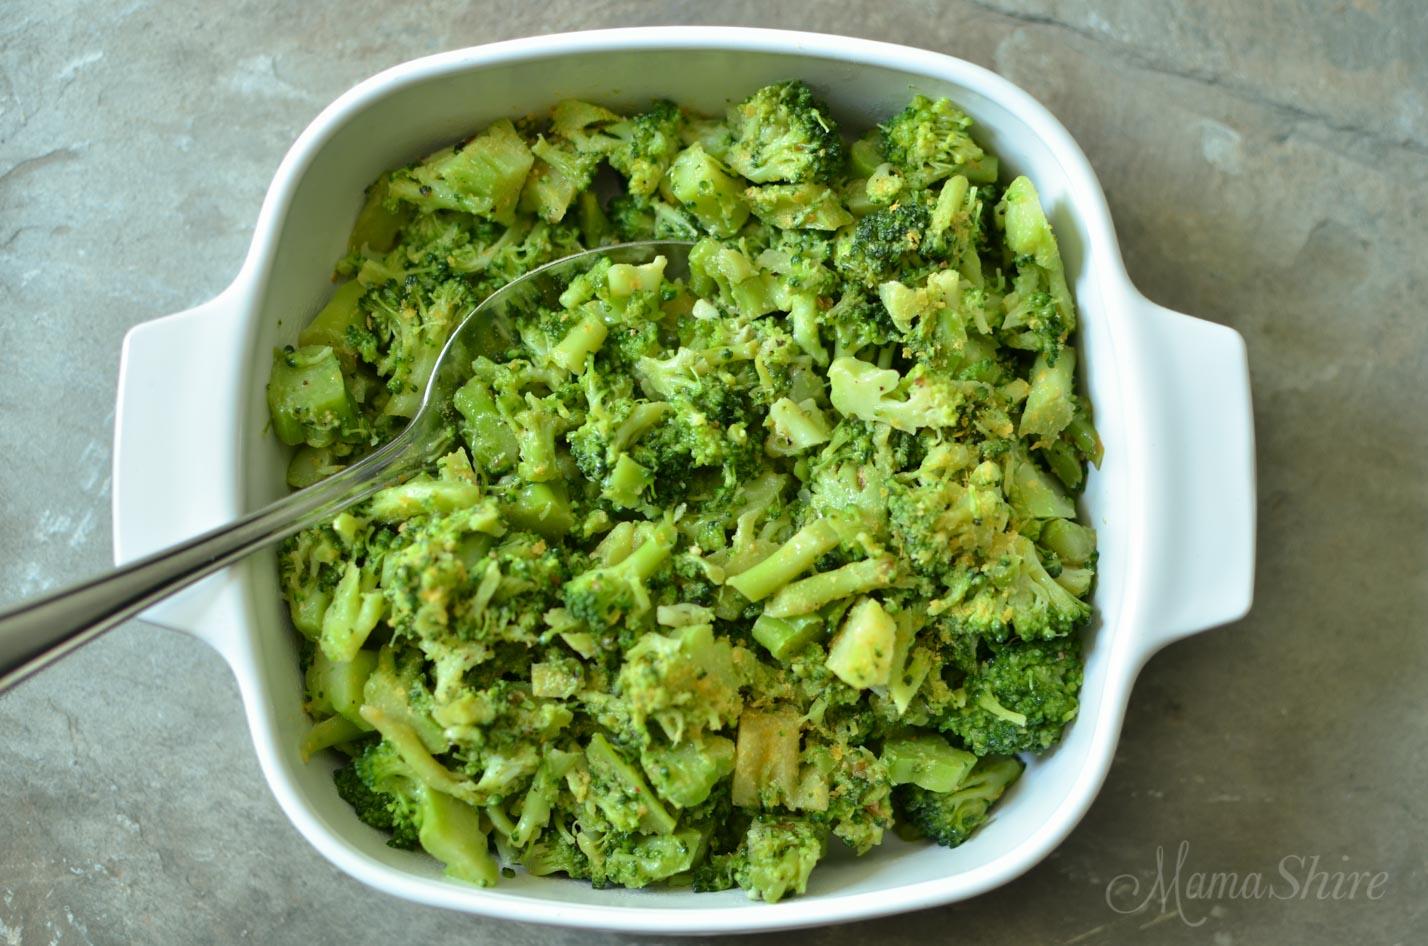 Buttery Lemon Pepper Broccoli - Dairy-Free, Gluten-Free